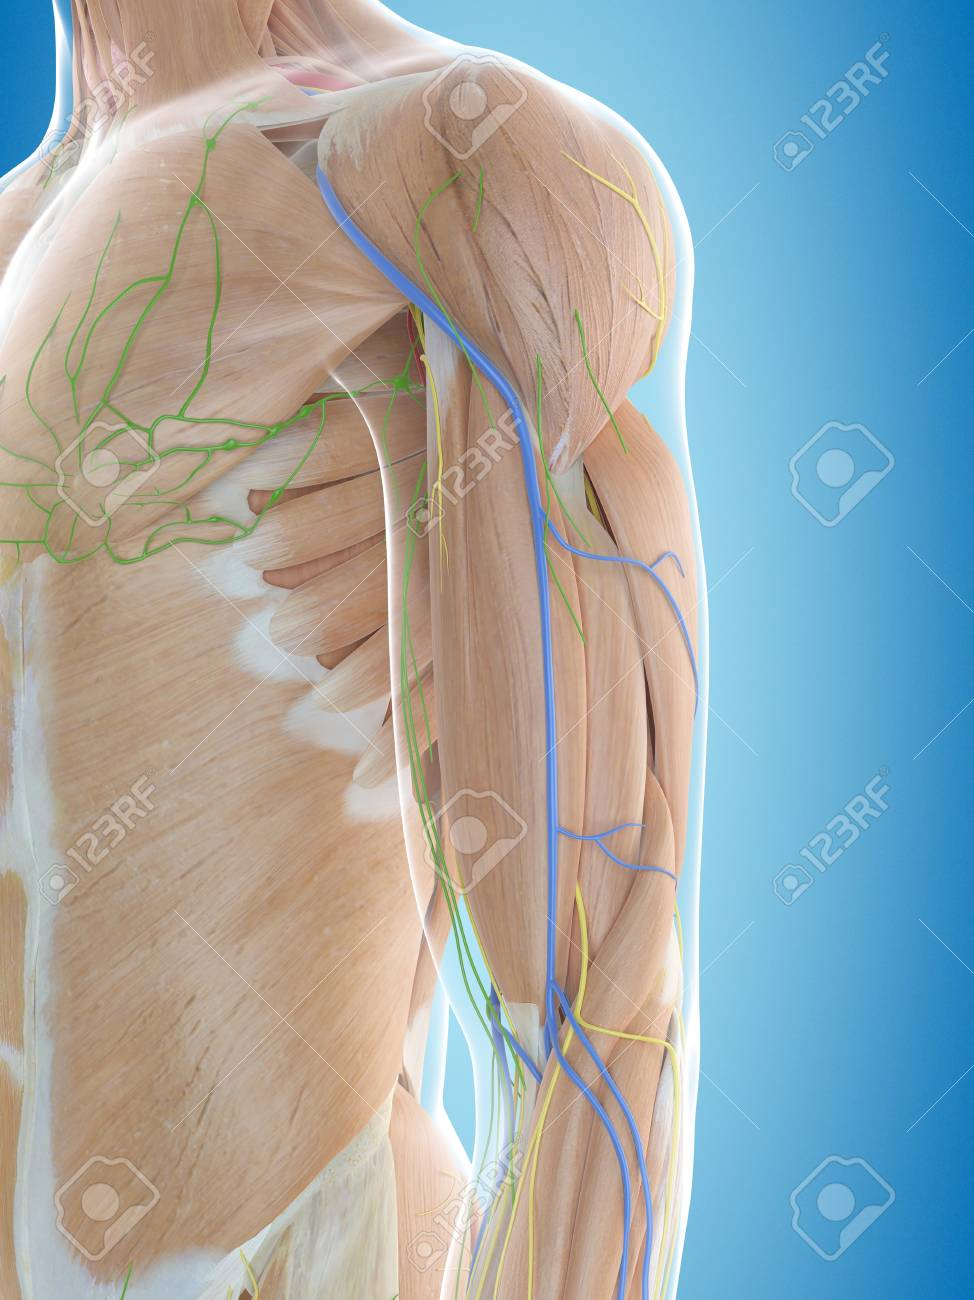 Lujoso Hombro Anatomía Foto - Imágenes de Anatomía Humana ...